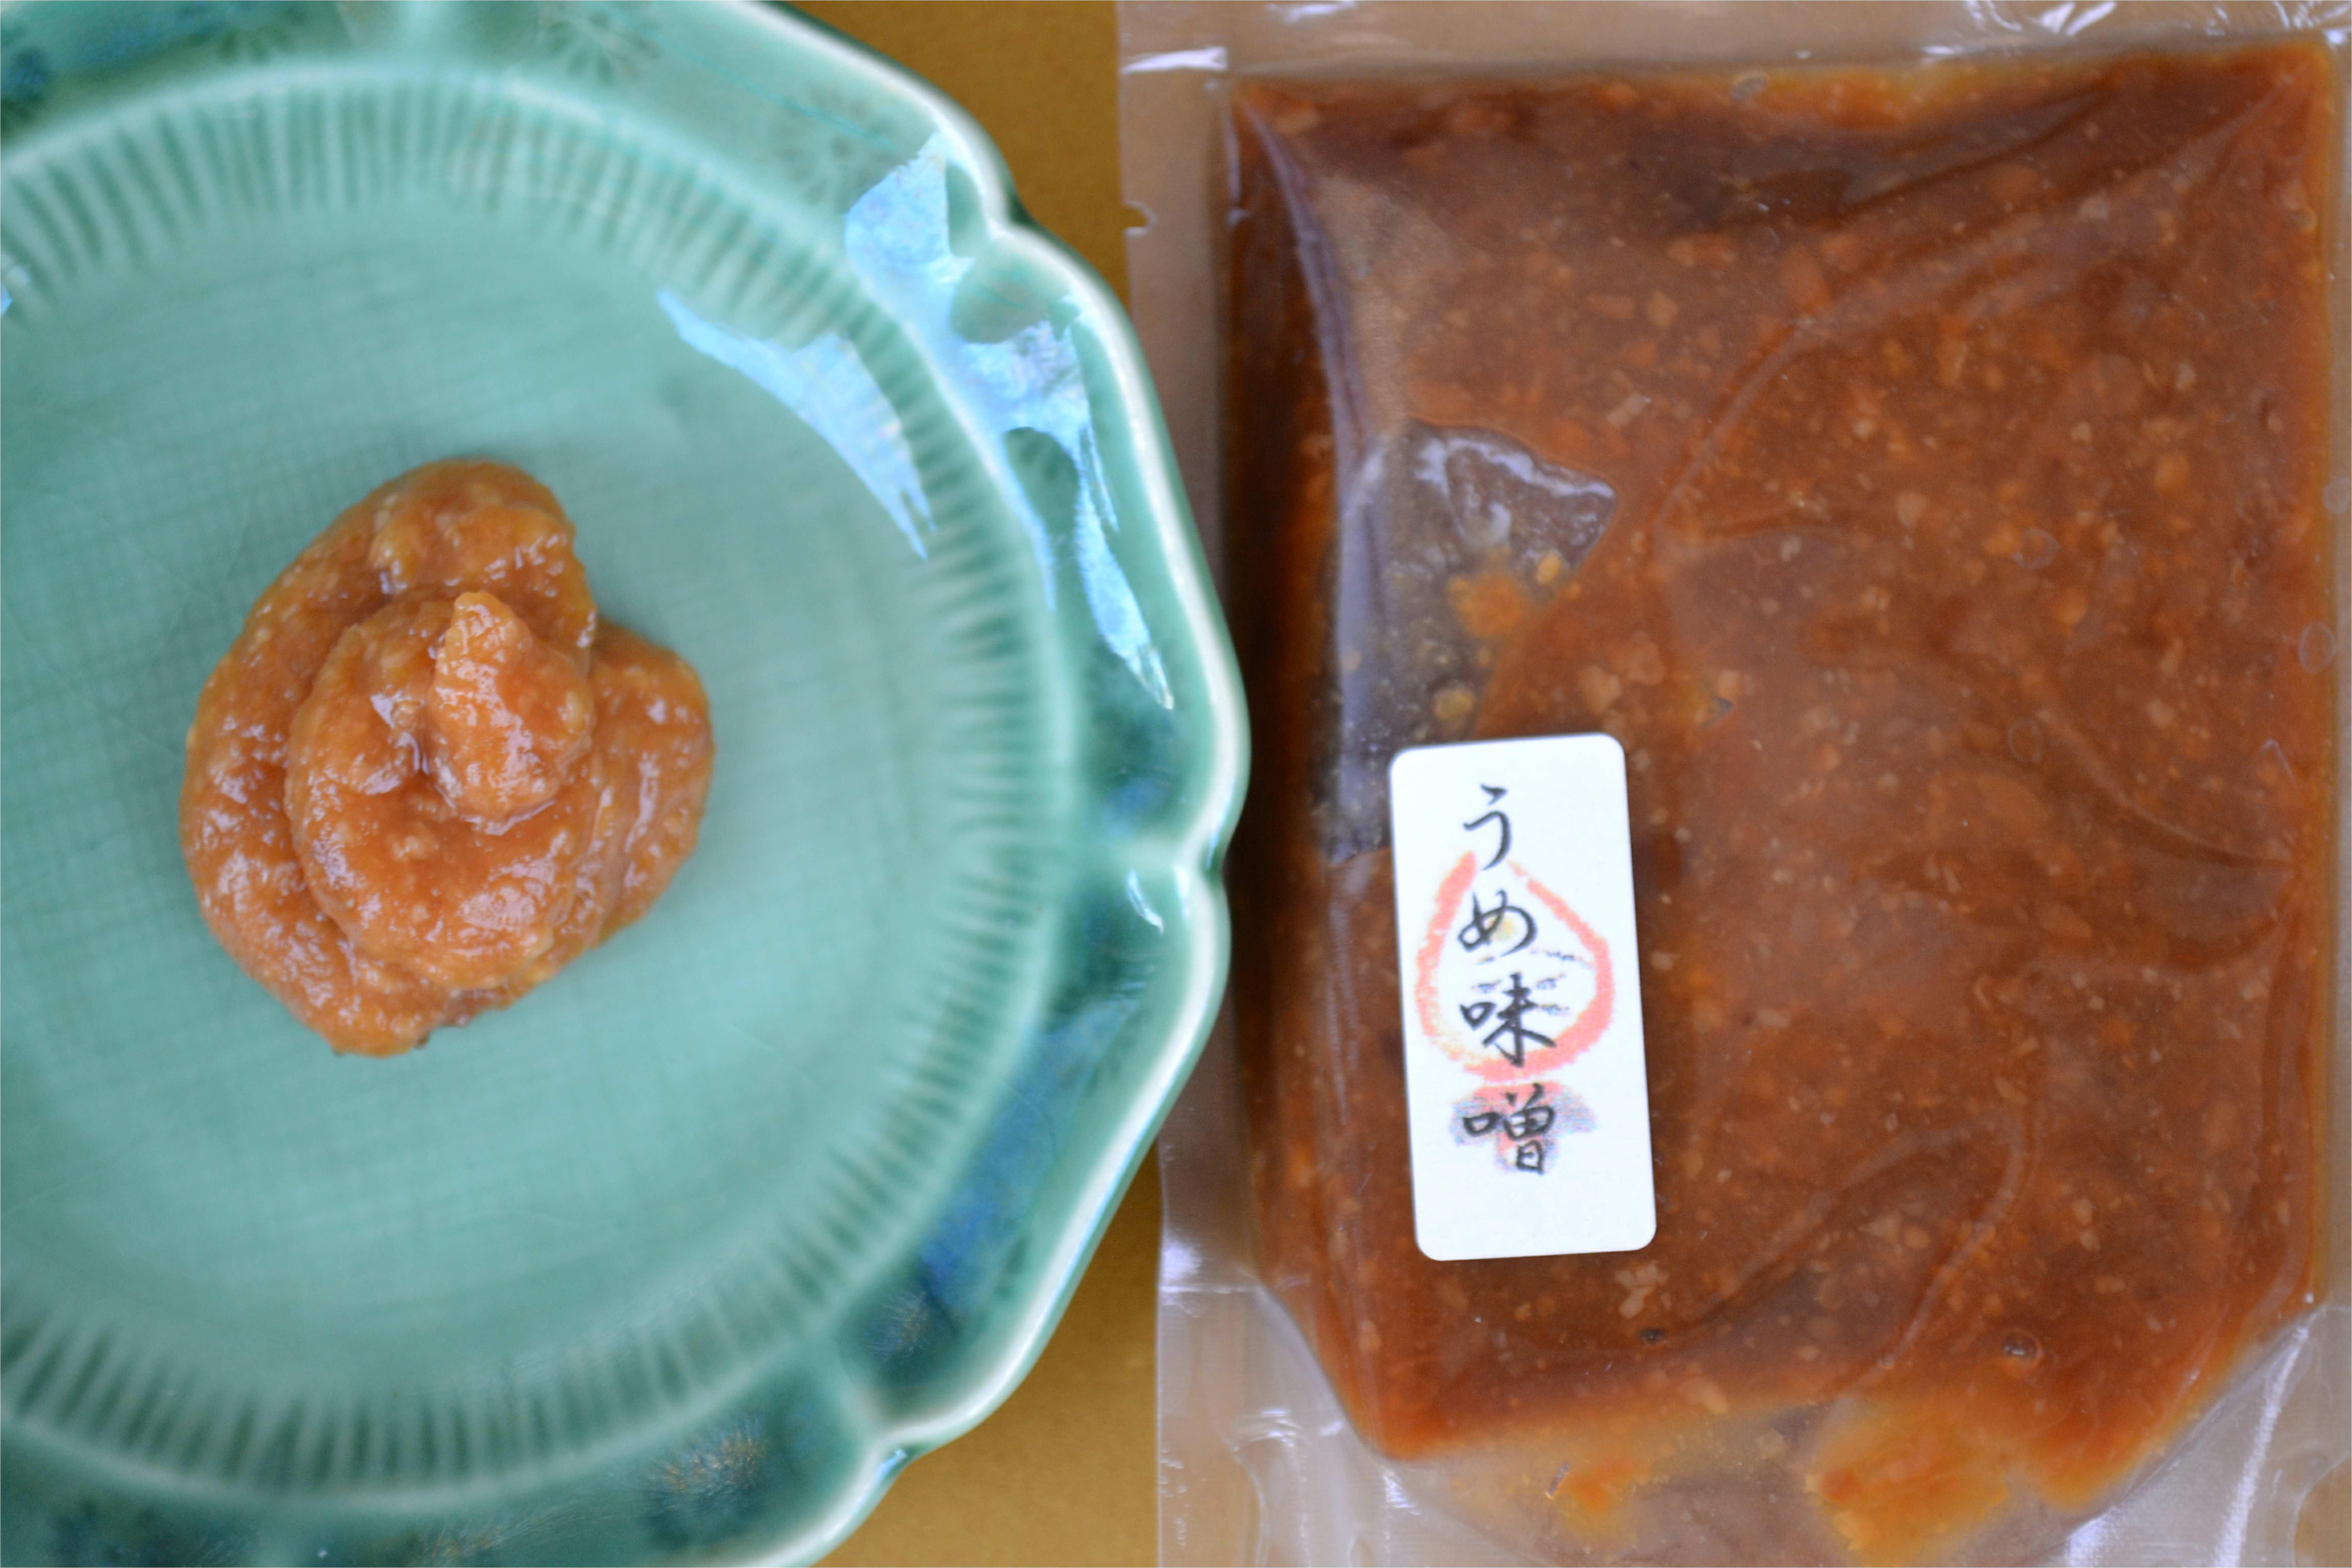 梅味噌  梅肉と白味噌を合わせ練った調味味噌。 野菜スティックや豆腐などに。